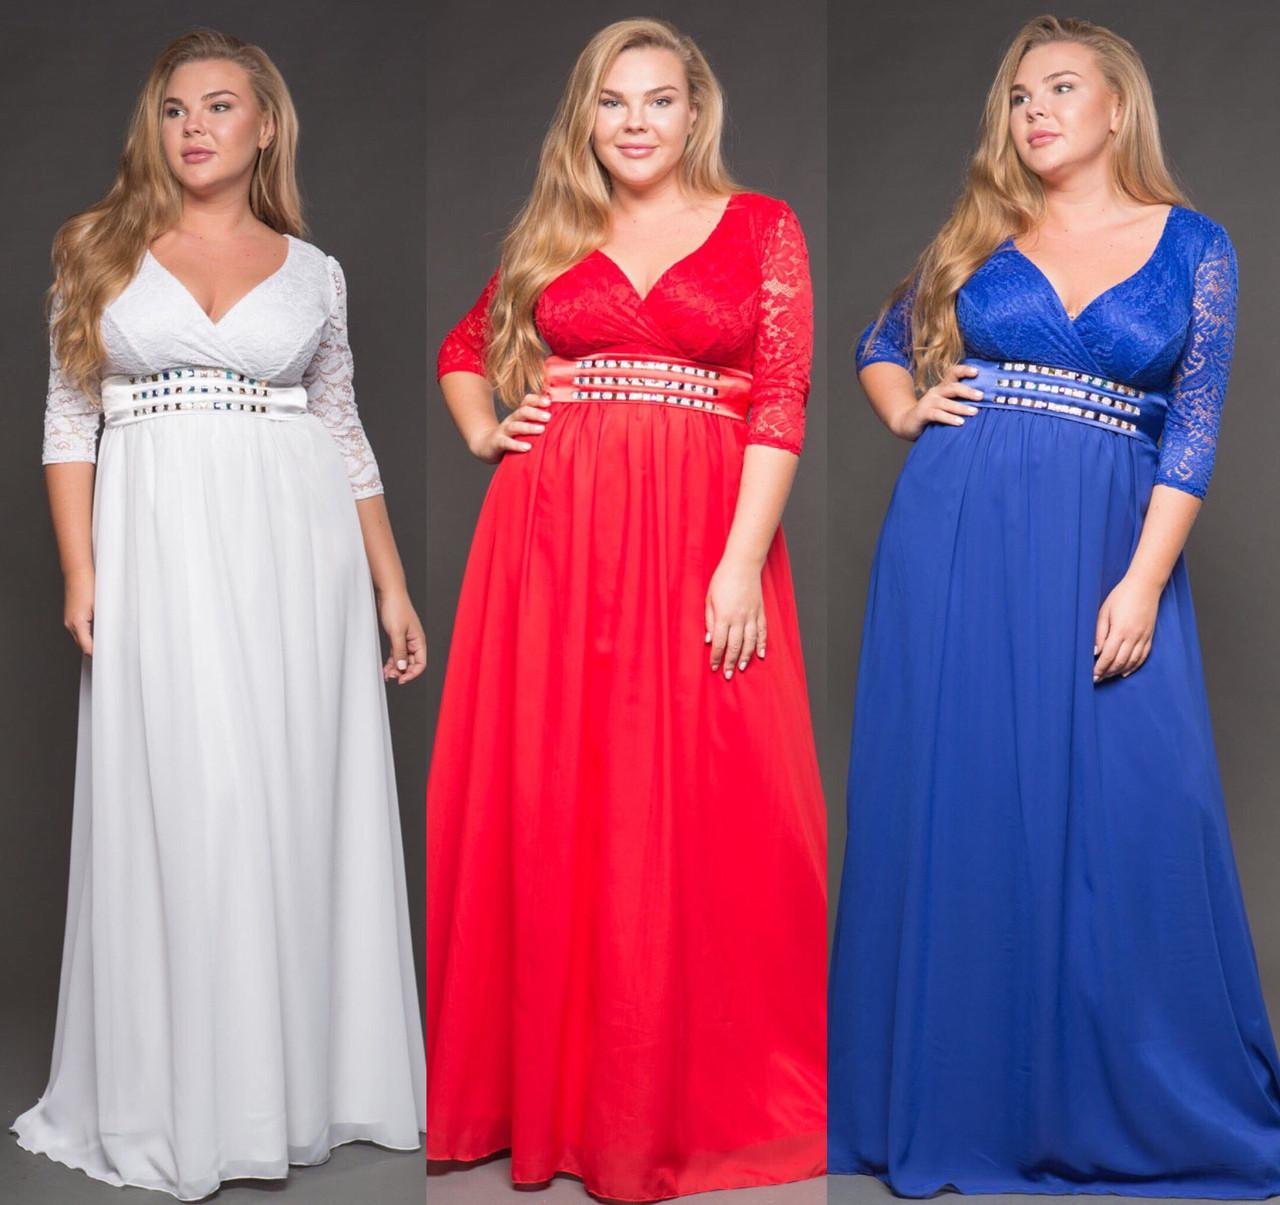 999cc9785abf Шикарное вечернее платье. 3 цвета. Р-р  48-52 единый., цена 1 118,63 ...